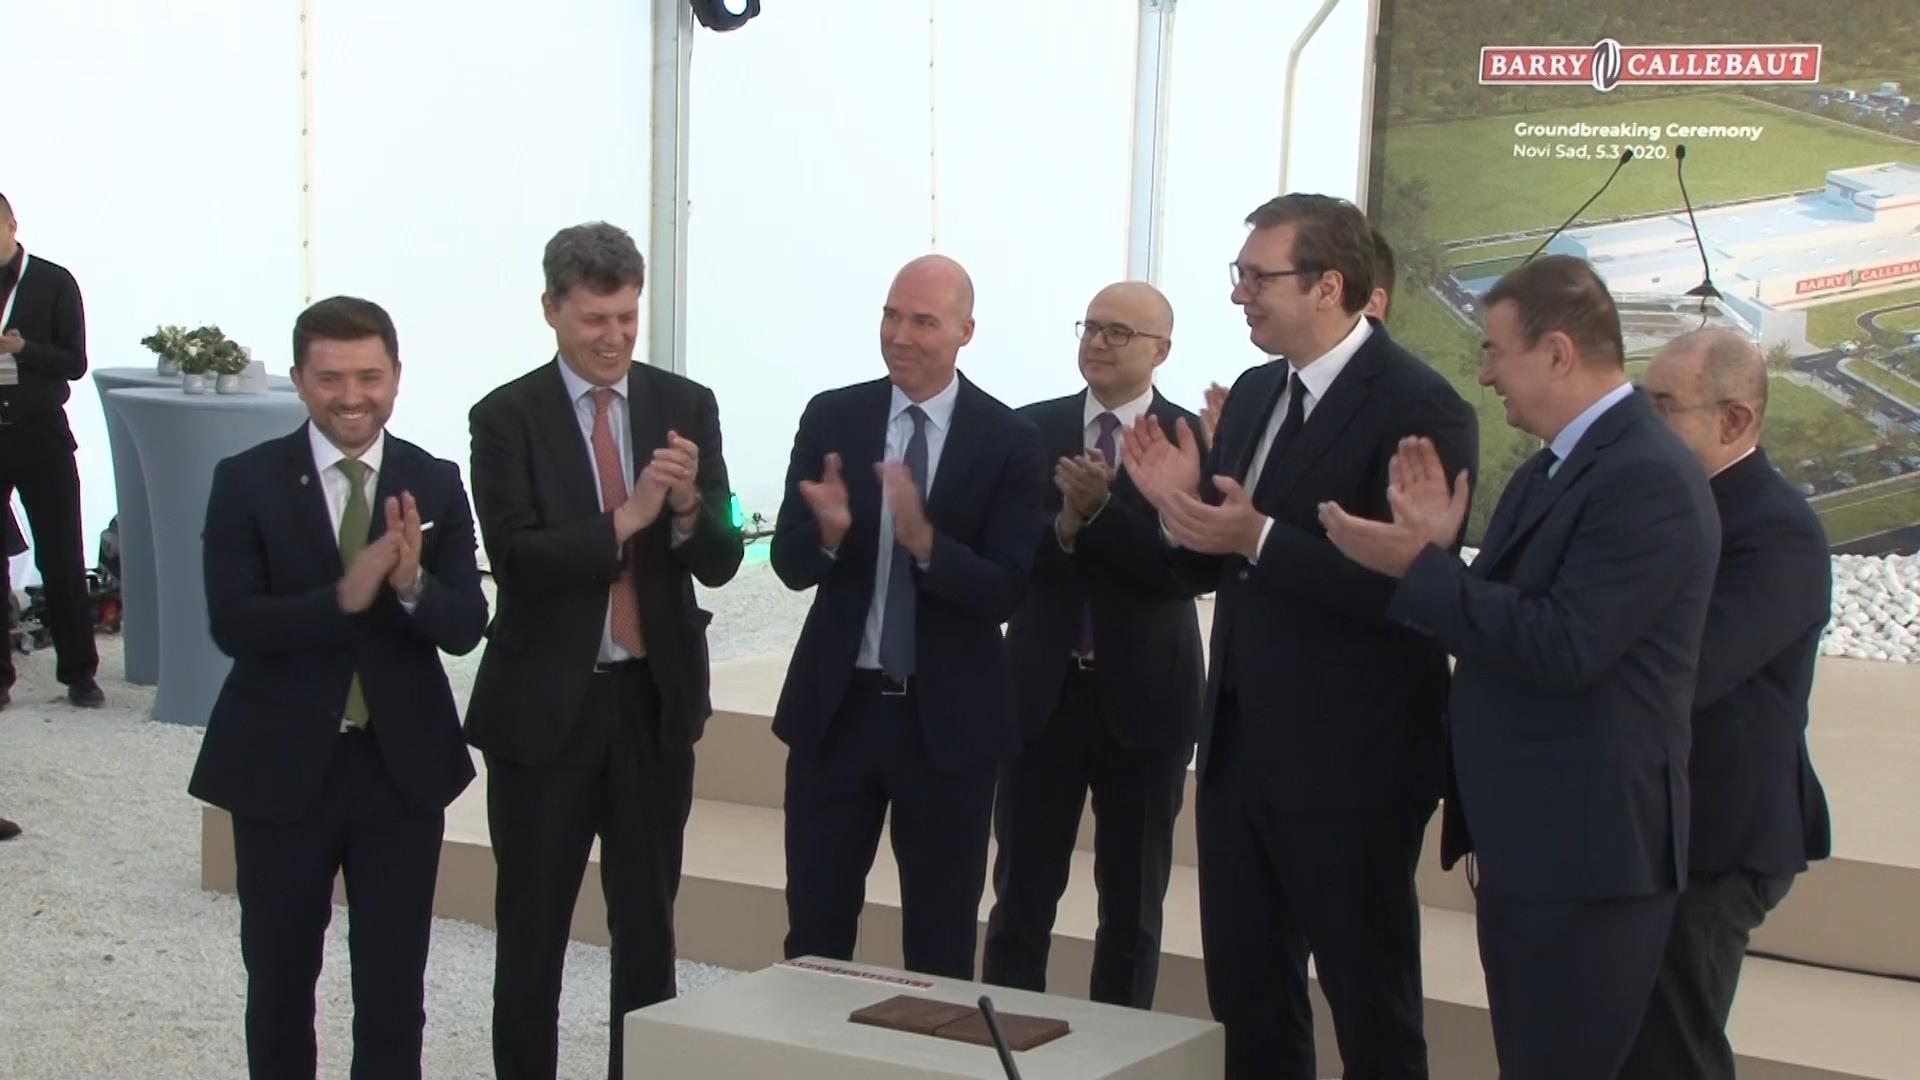 Predsednik Vucic Prisustvovao Postavljanju Kamena Temeljca Fabrike